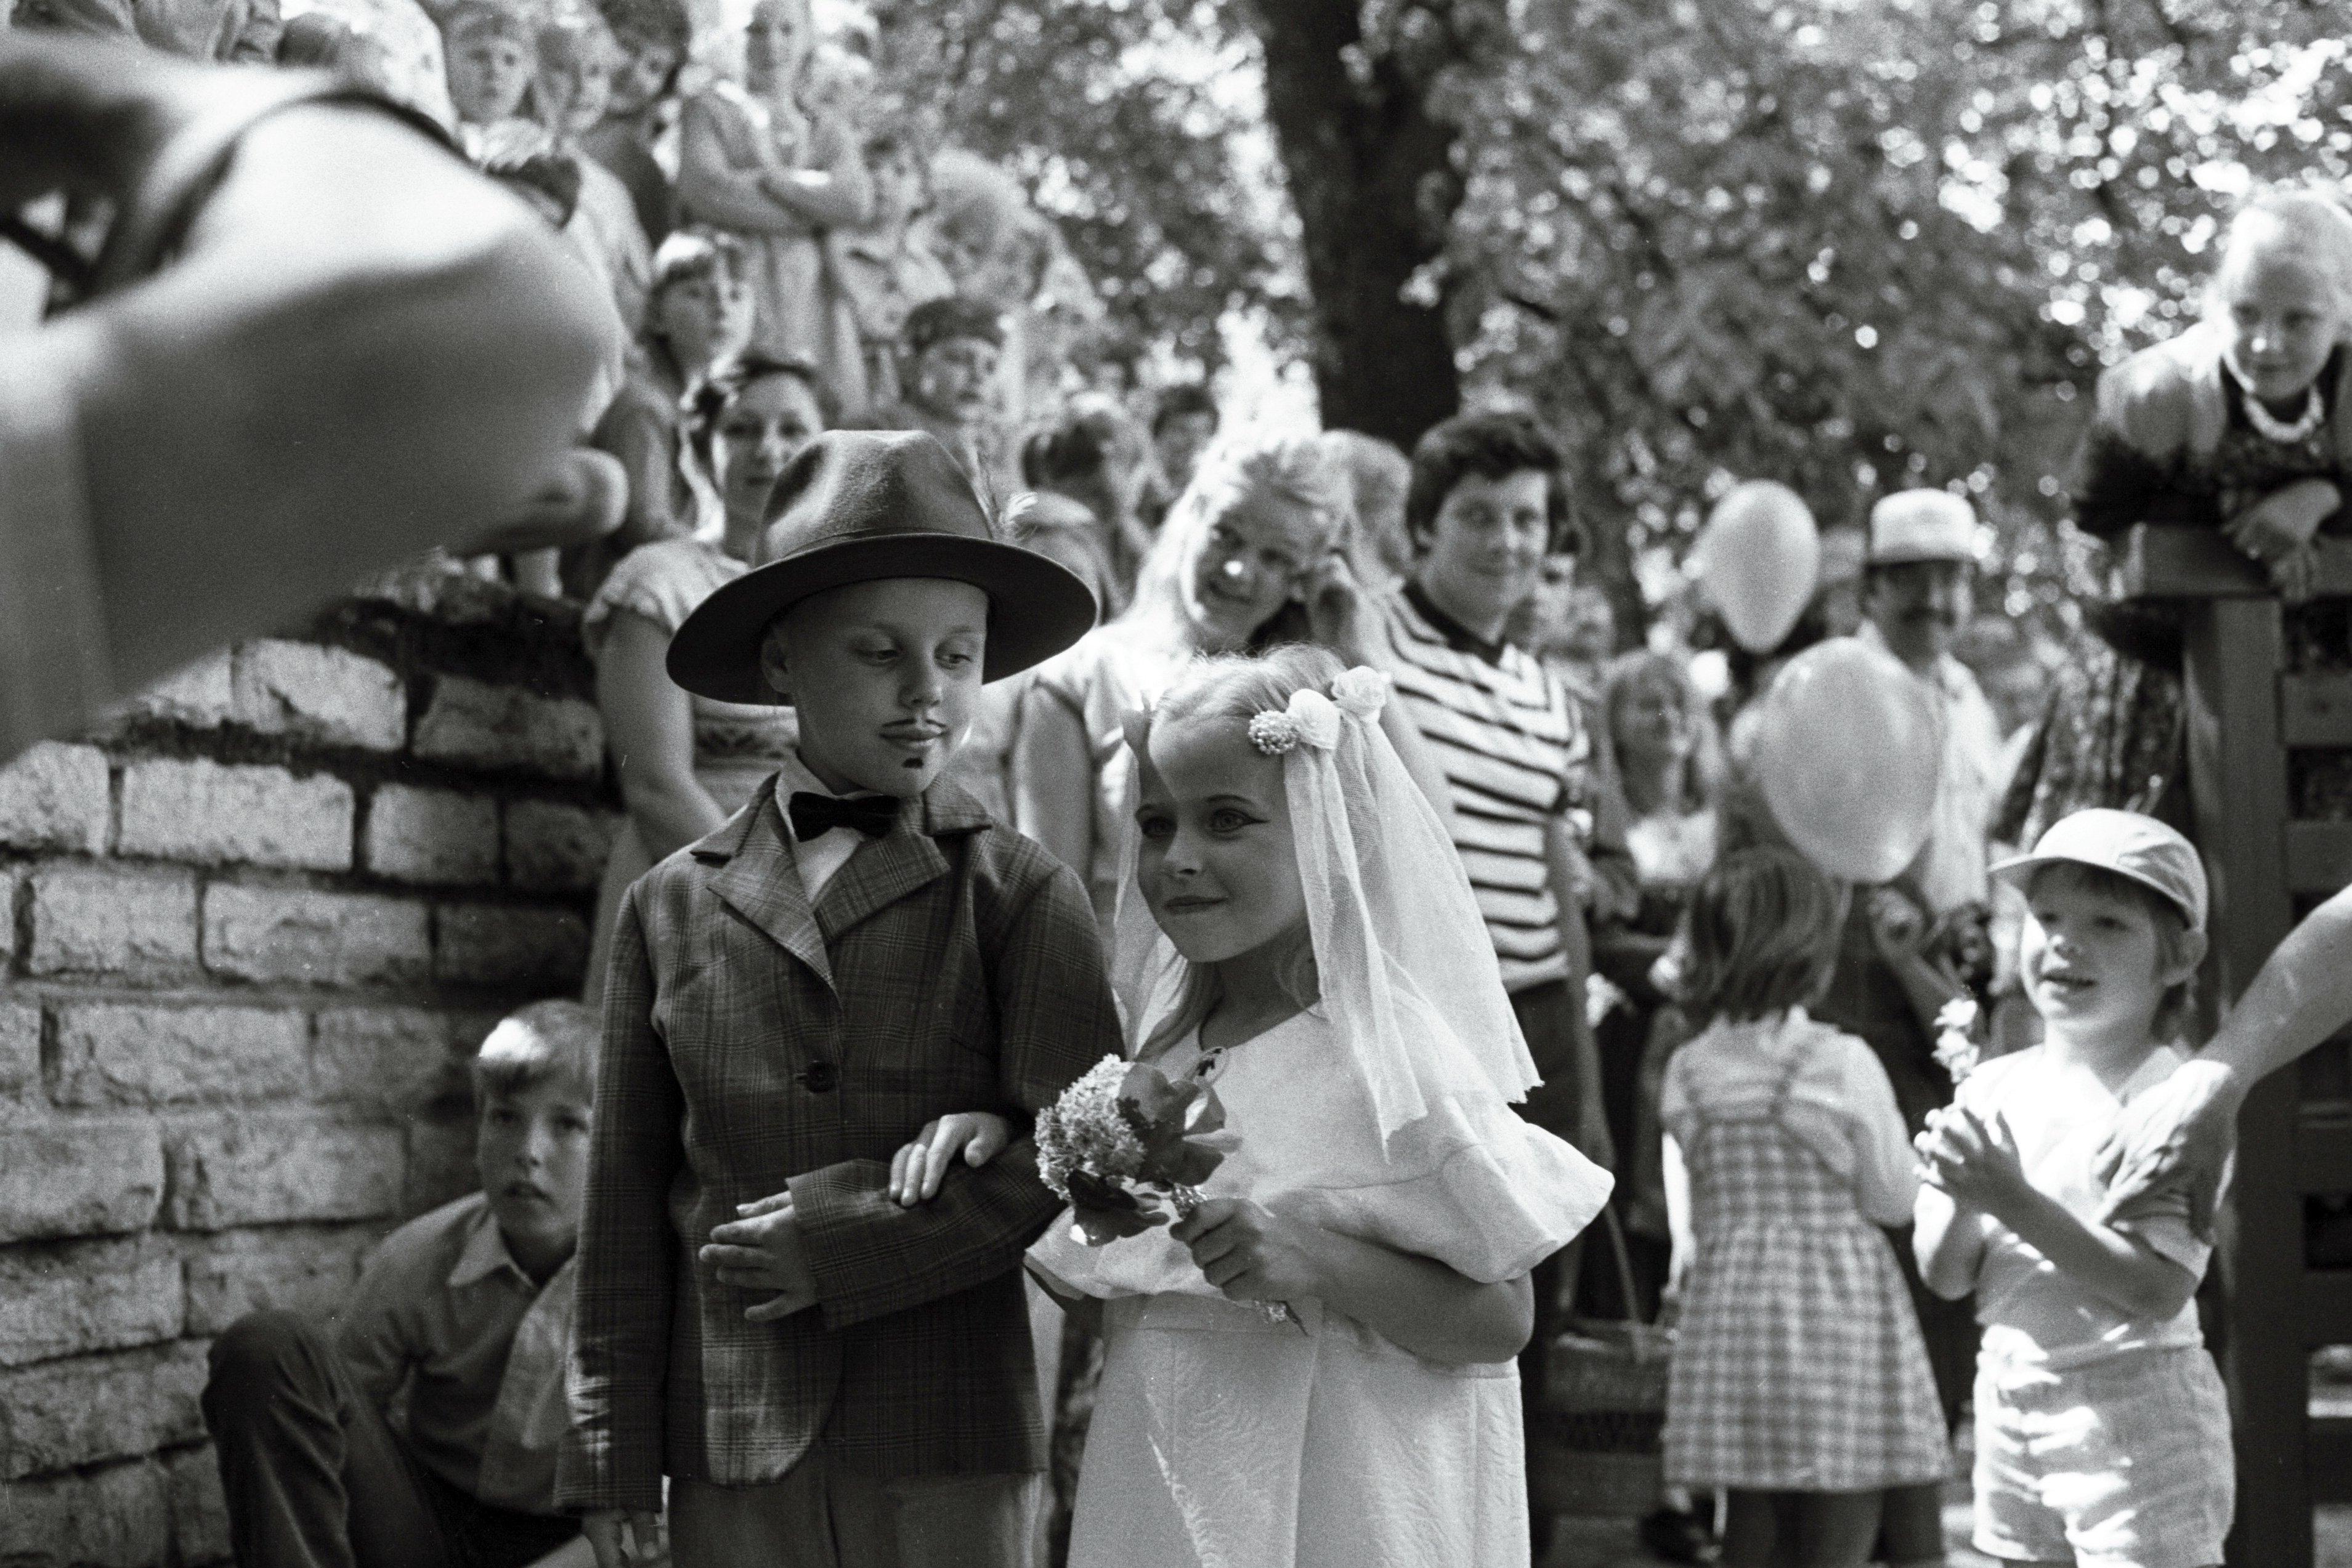 Foto Vanalinna päevadest aastatest 1984 - 1990. Väike noorpaar. Fotograaf: Georgi Tsvetkov. erf0002_002_0001151_00000_00007_fk